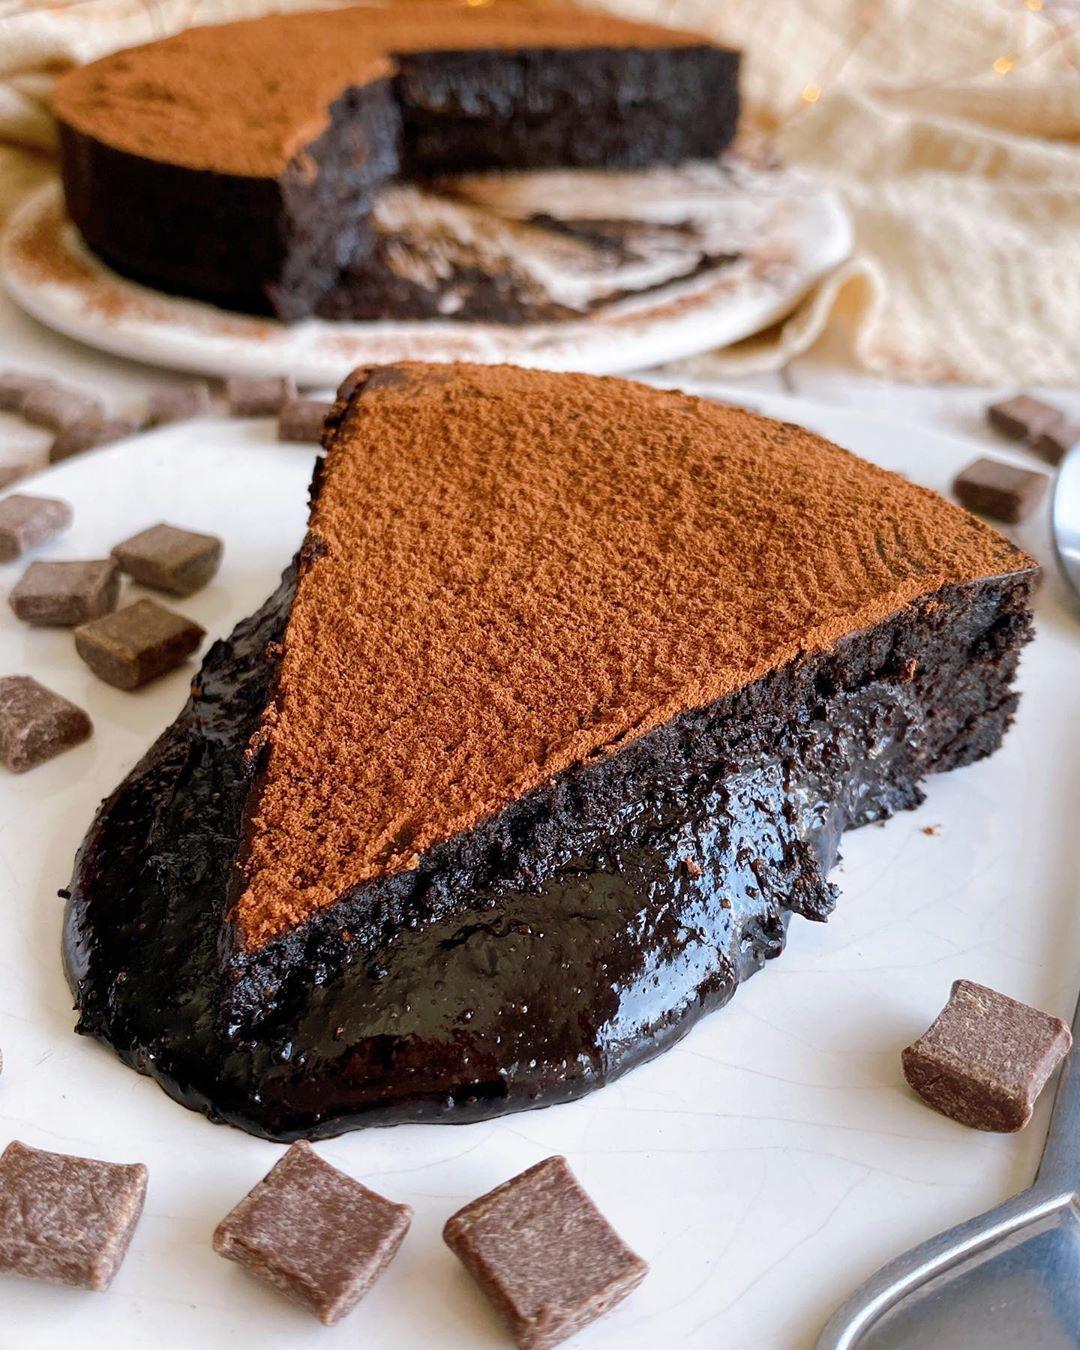 Sara Conde En Instagram Tarta Coulant De Chocolate Receta Si Amas El Chocolate Por Encima De Cua Tartas Chocolate Dulces Saludables